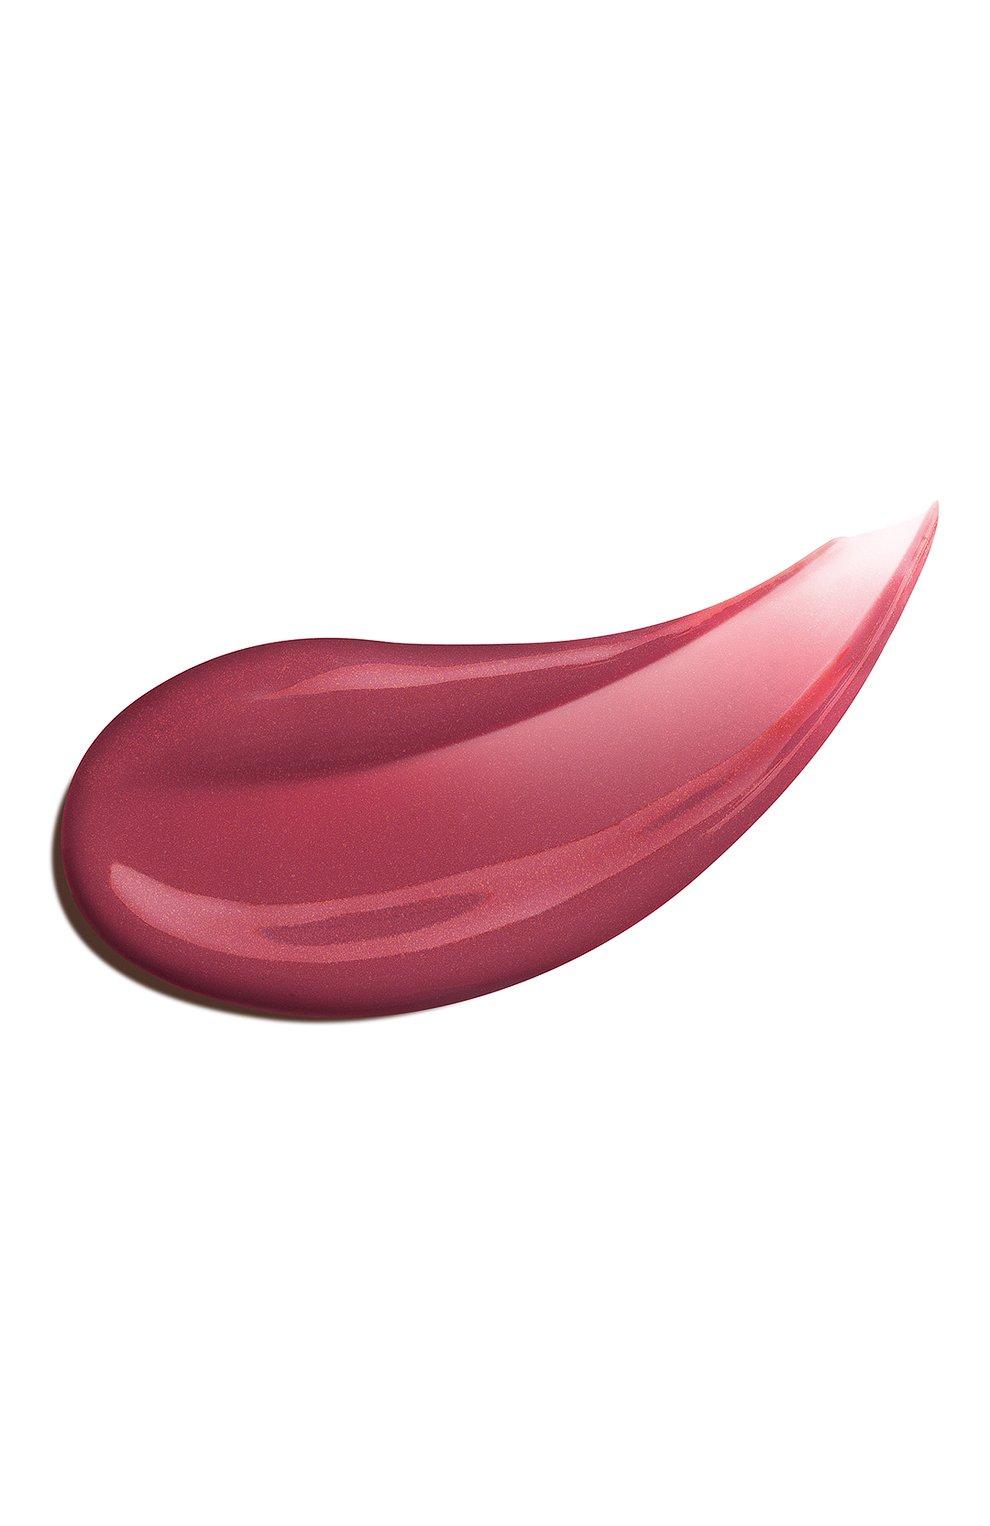 Женские блеск для губ natural lip perfector, оттенок 17 CLARINS бесцветного цвета, арт. 80051372   Фото 2